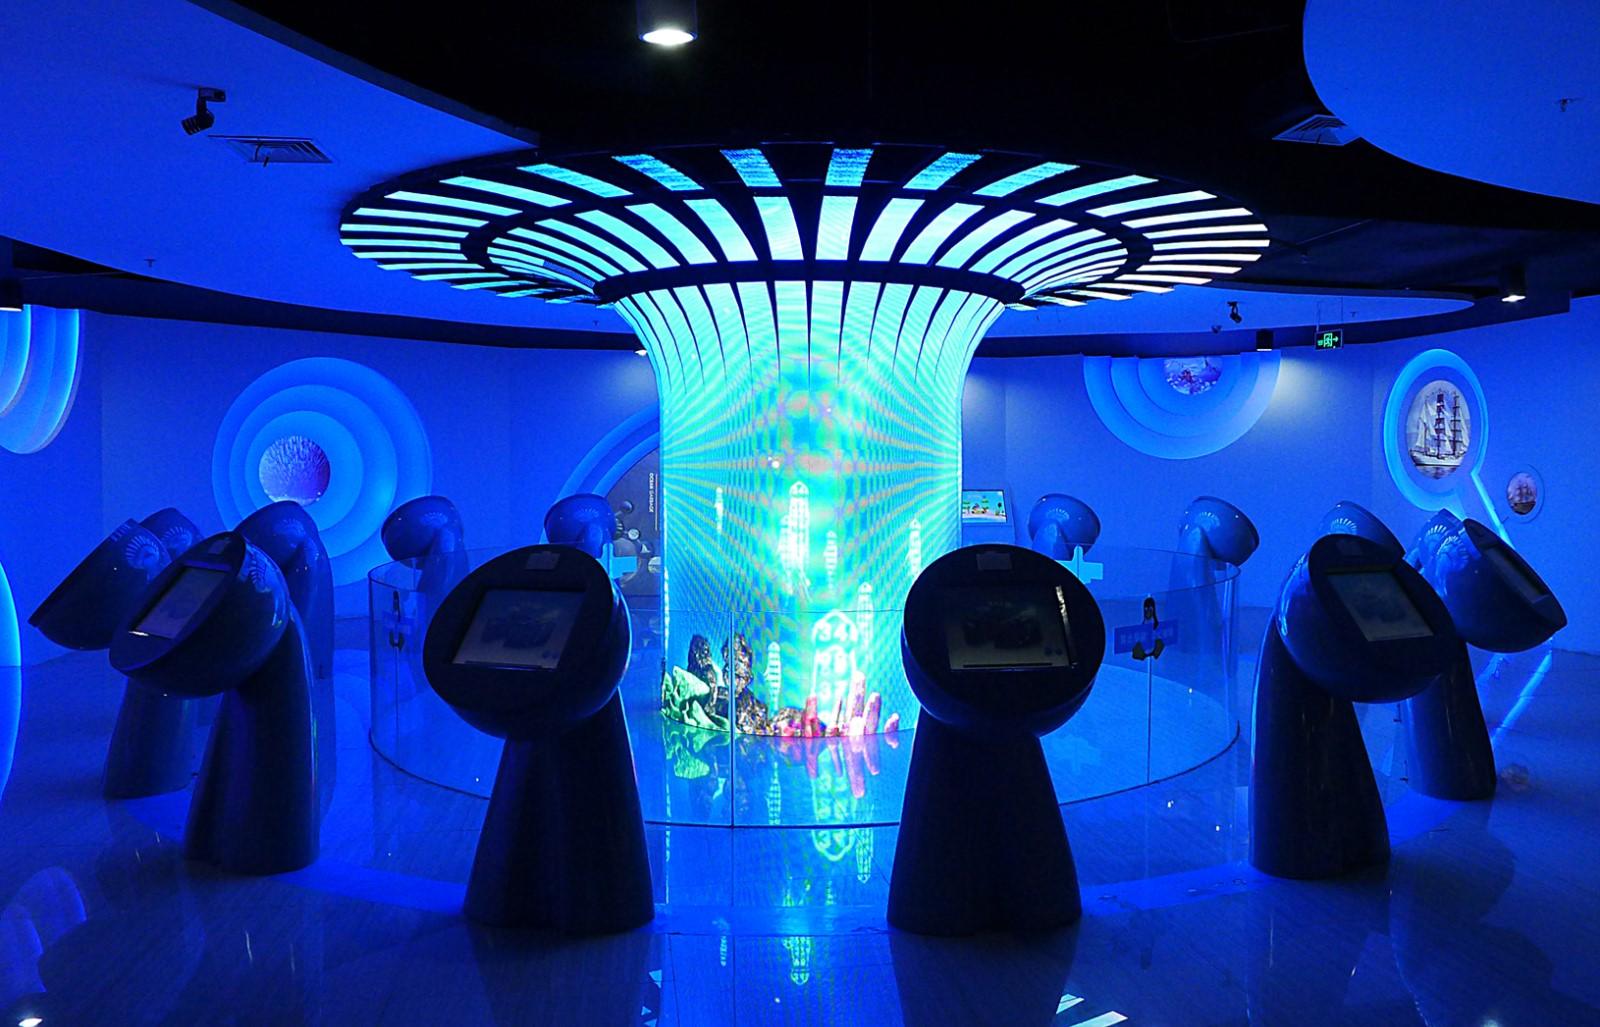 驻马店党群服务中心公司_河南三维动画公司_河南国创展览展示有限公司